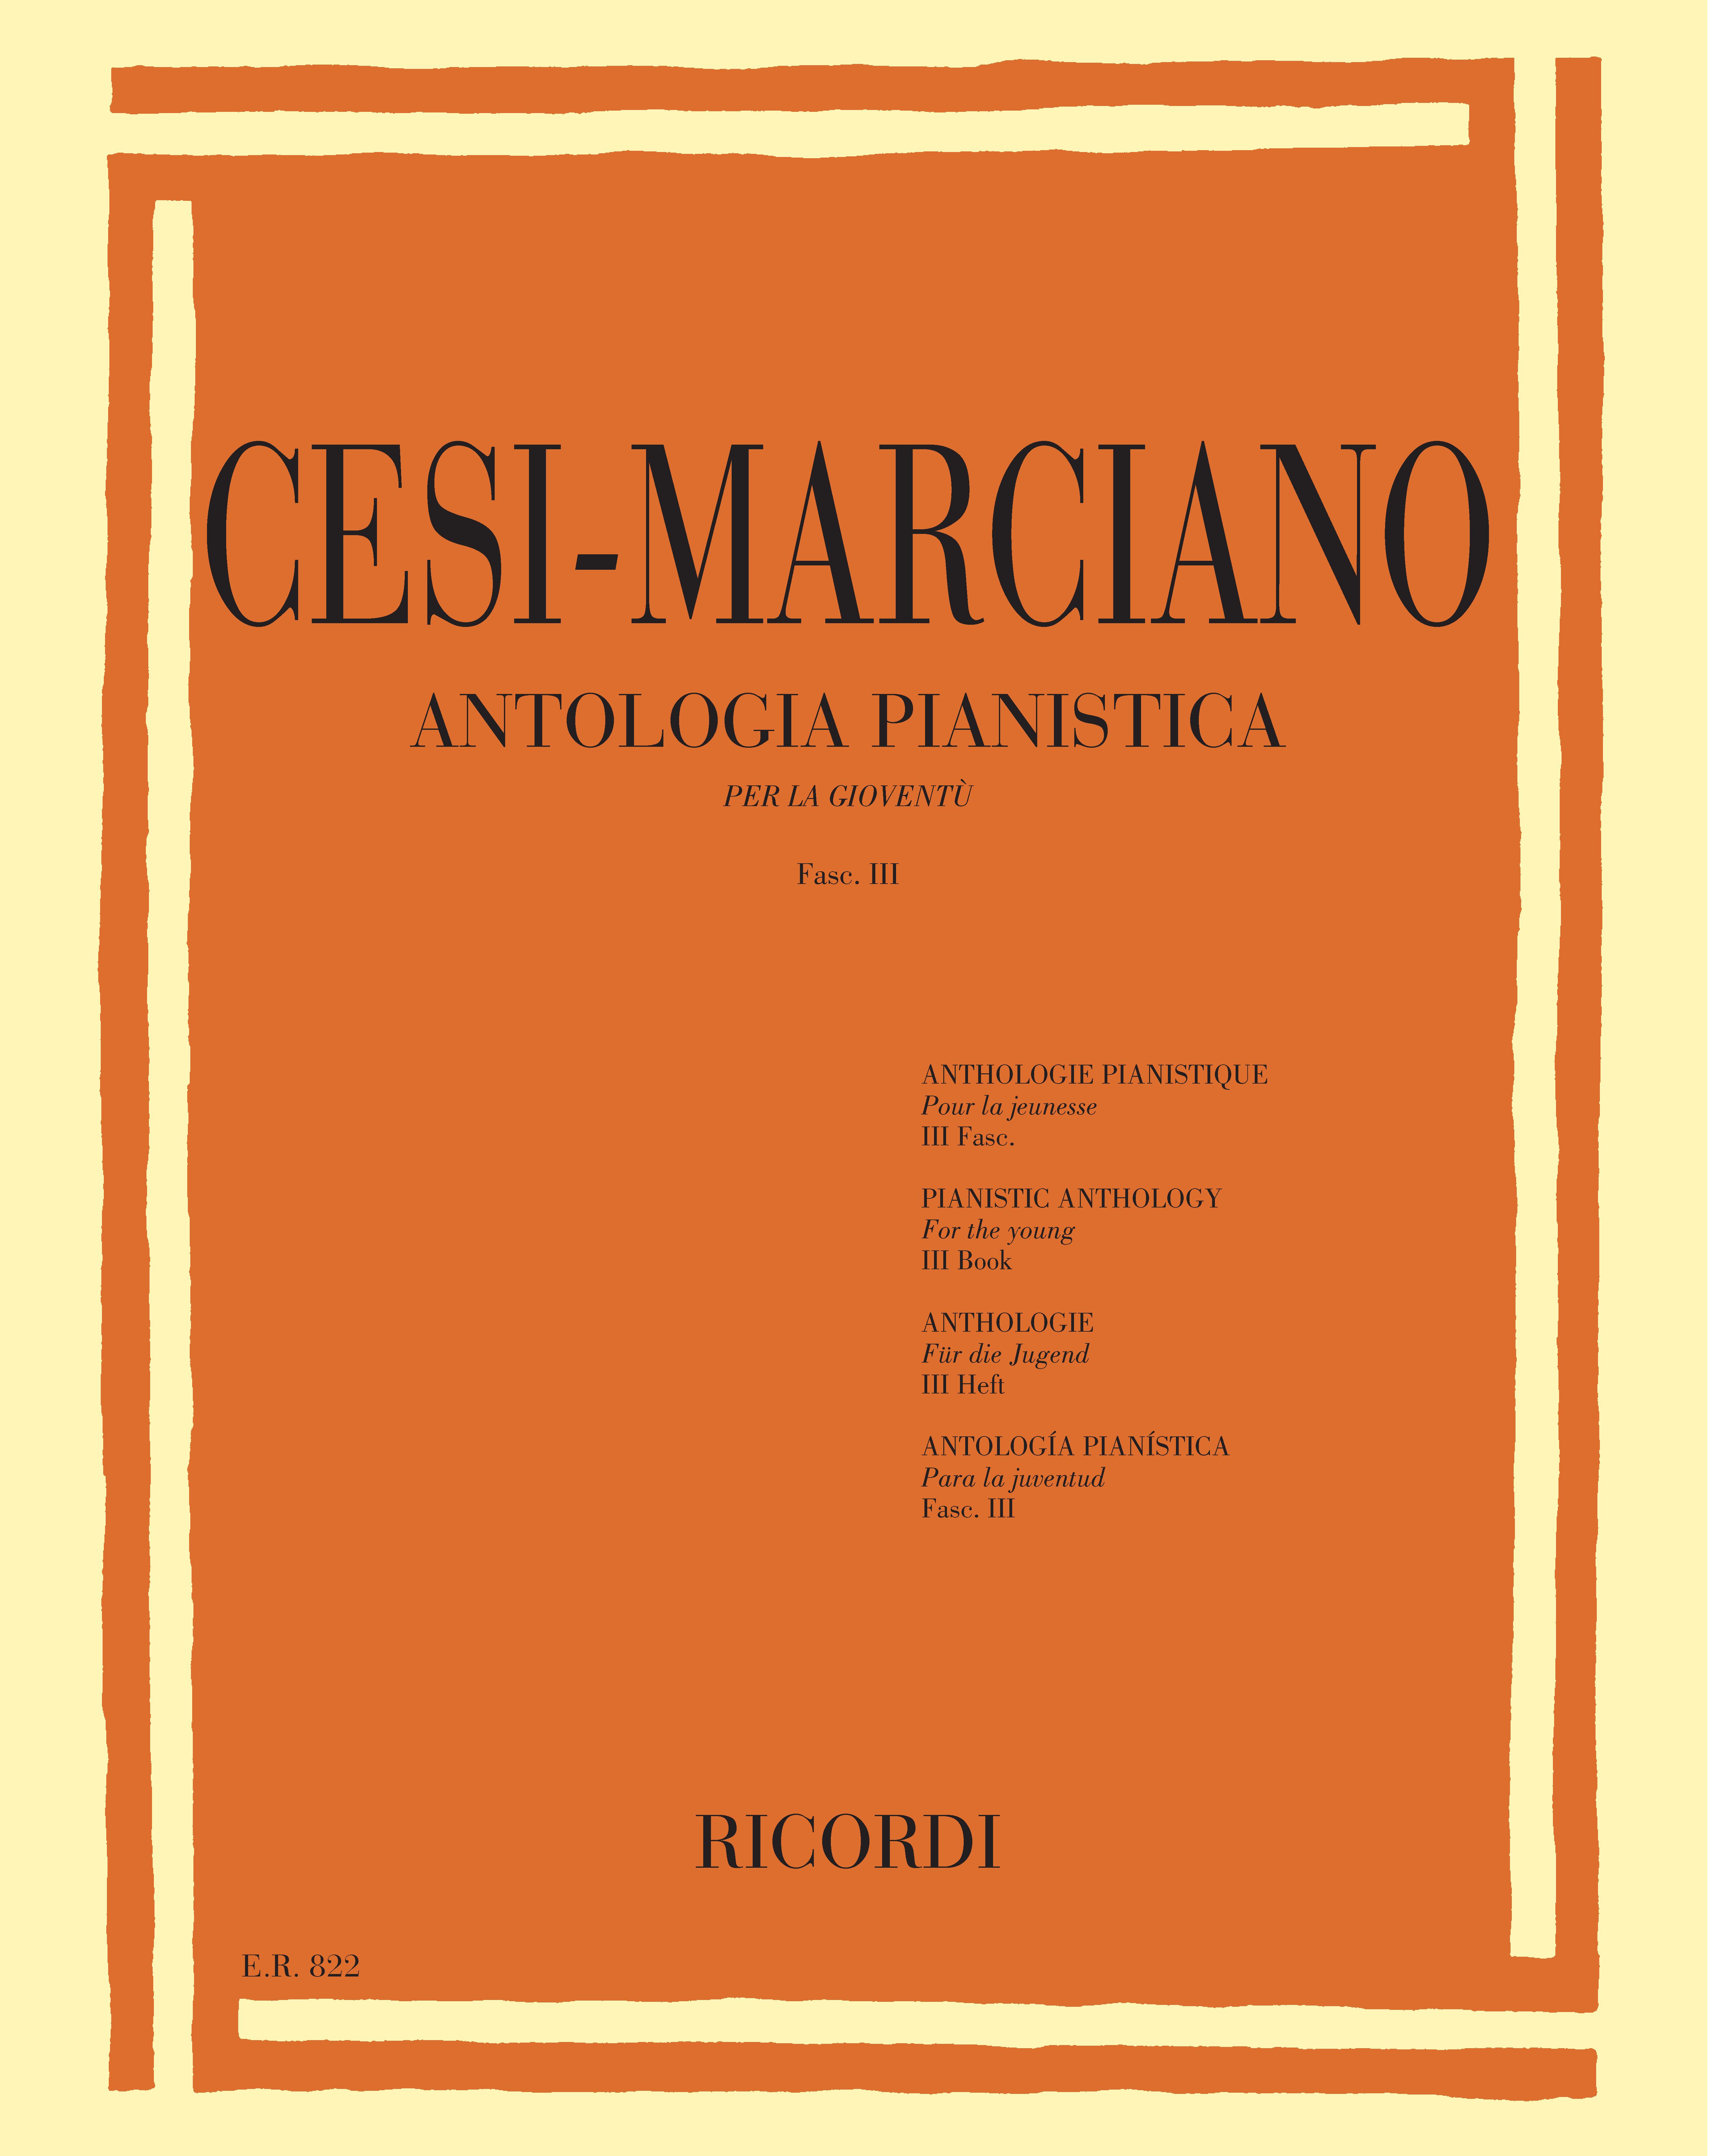 Antologia pianistica per la gioventù Fascicolo 3